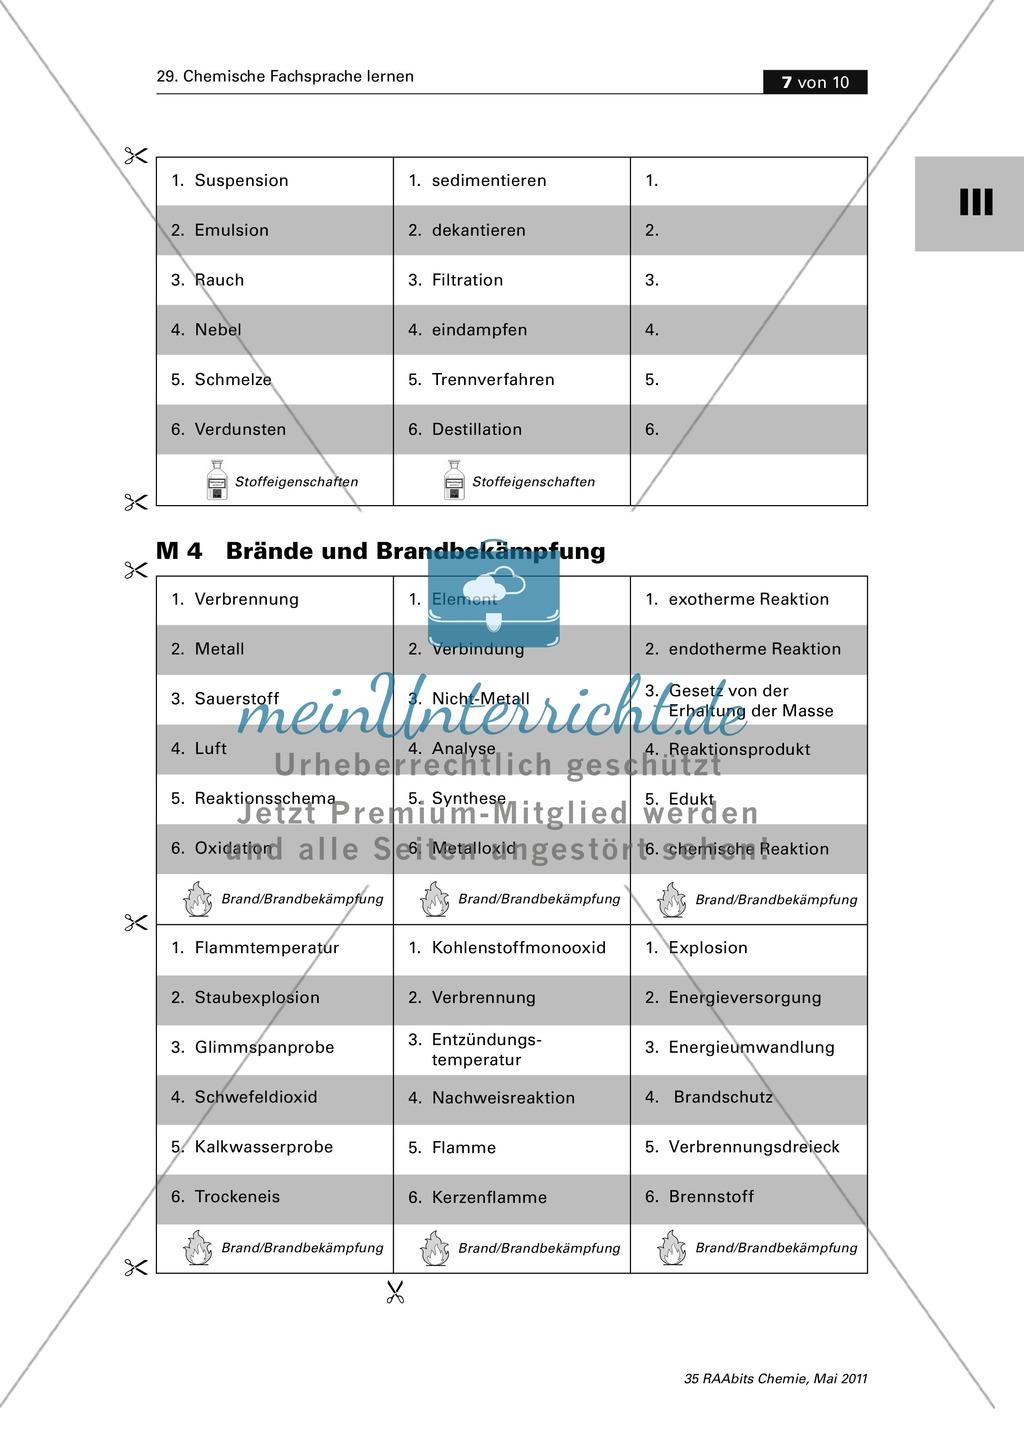 Fachsprache spielerisch korrekt anwenden lernen Preview 4